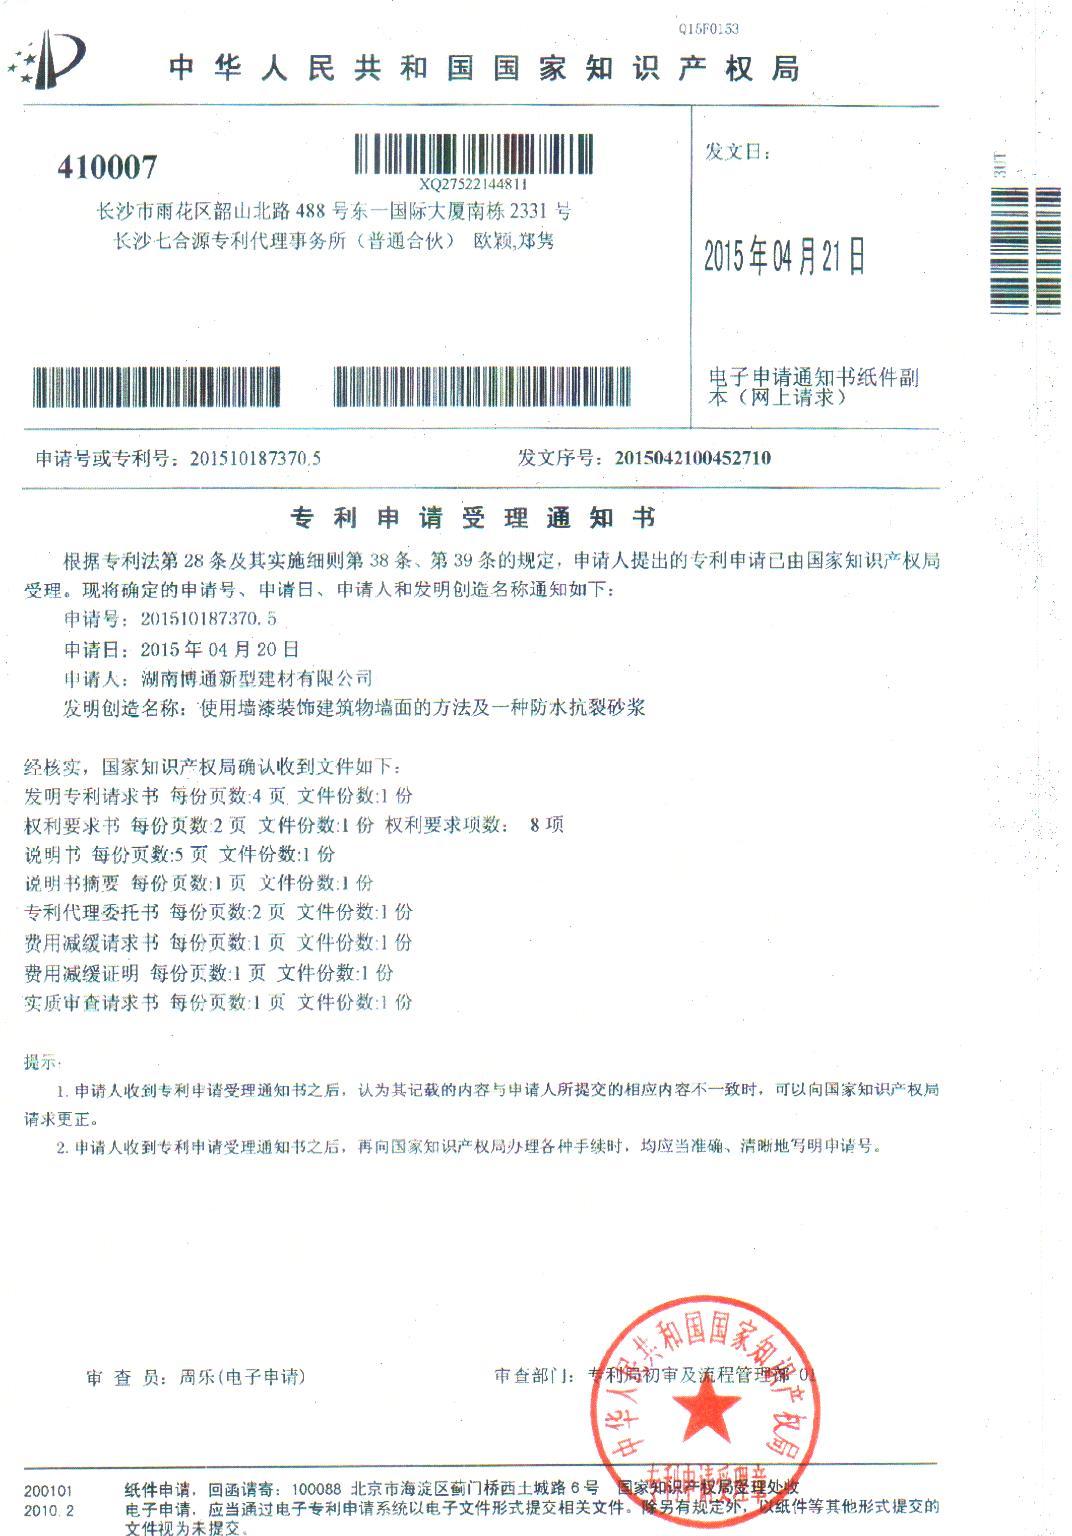 防水抗裂砂浆专利证书